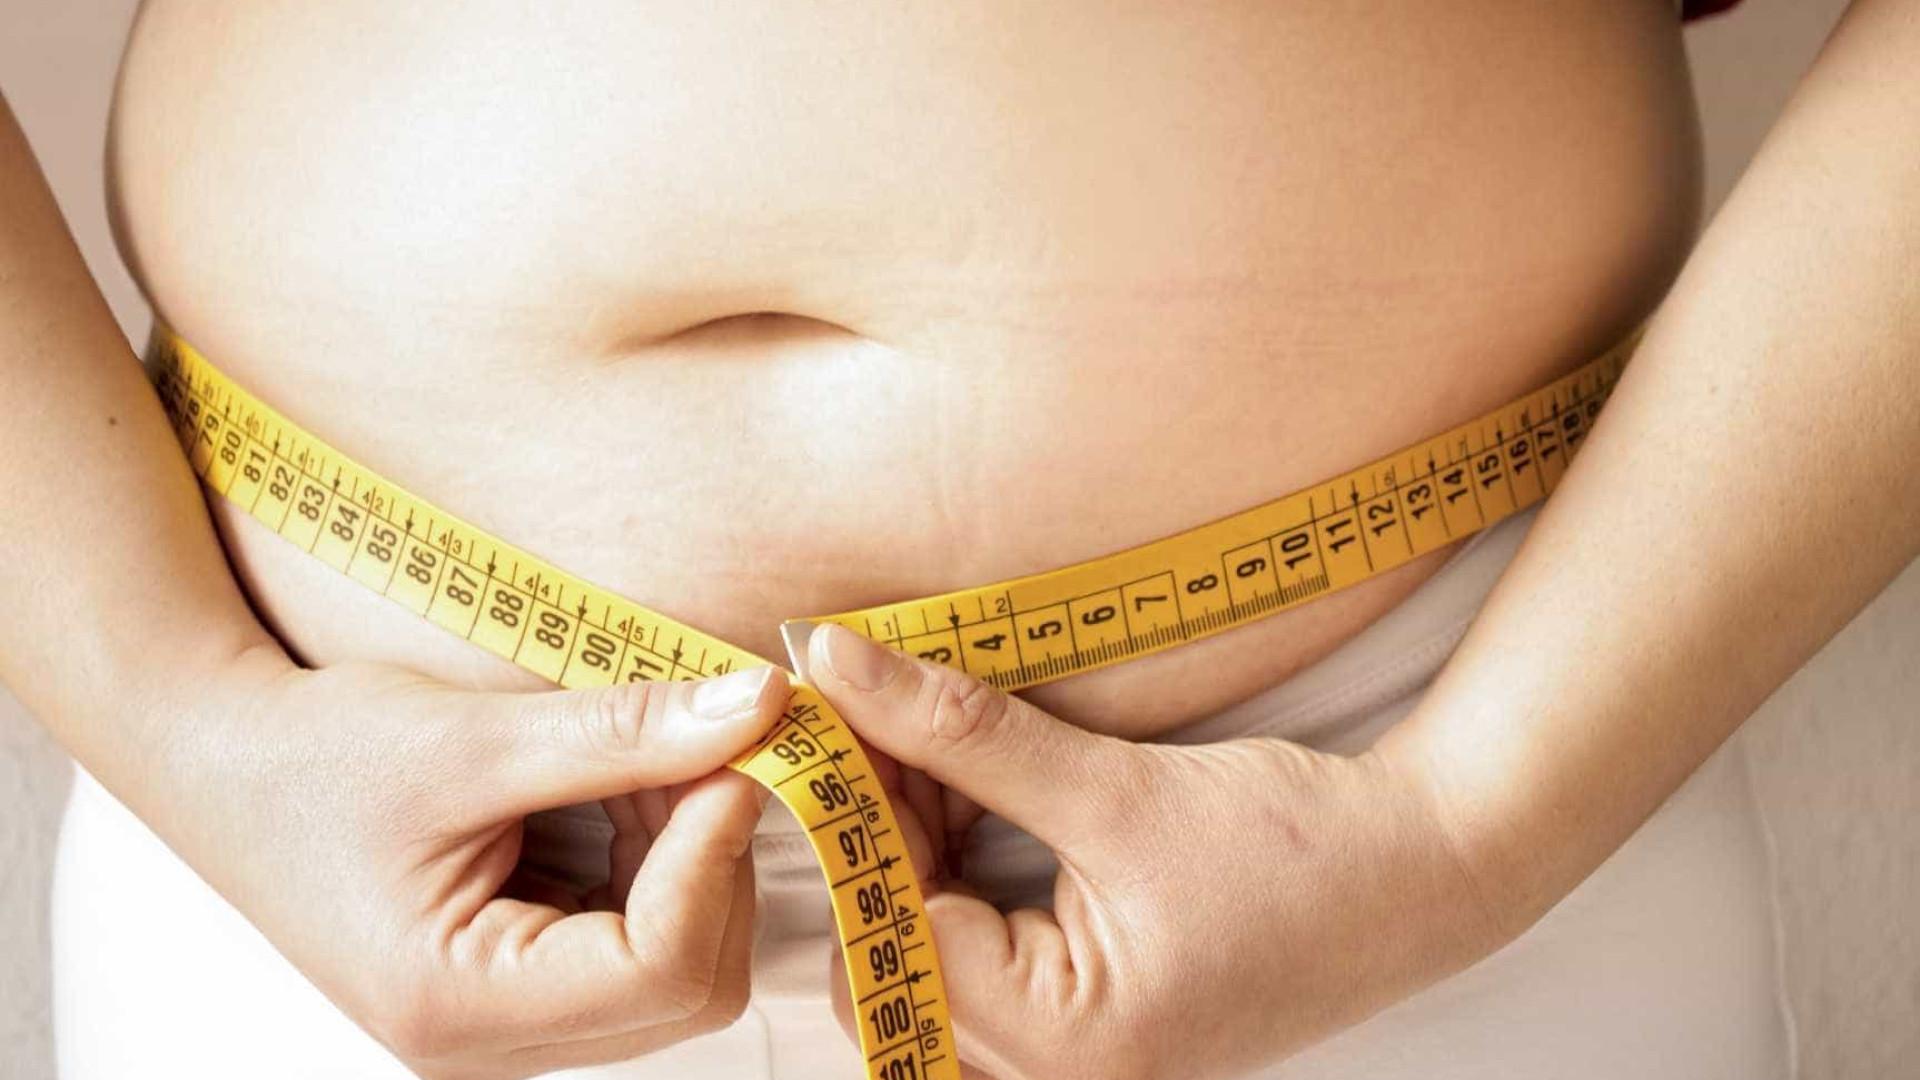 Atenção ao peso! Obesidade associada a infertilidade masculina